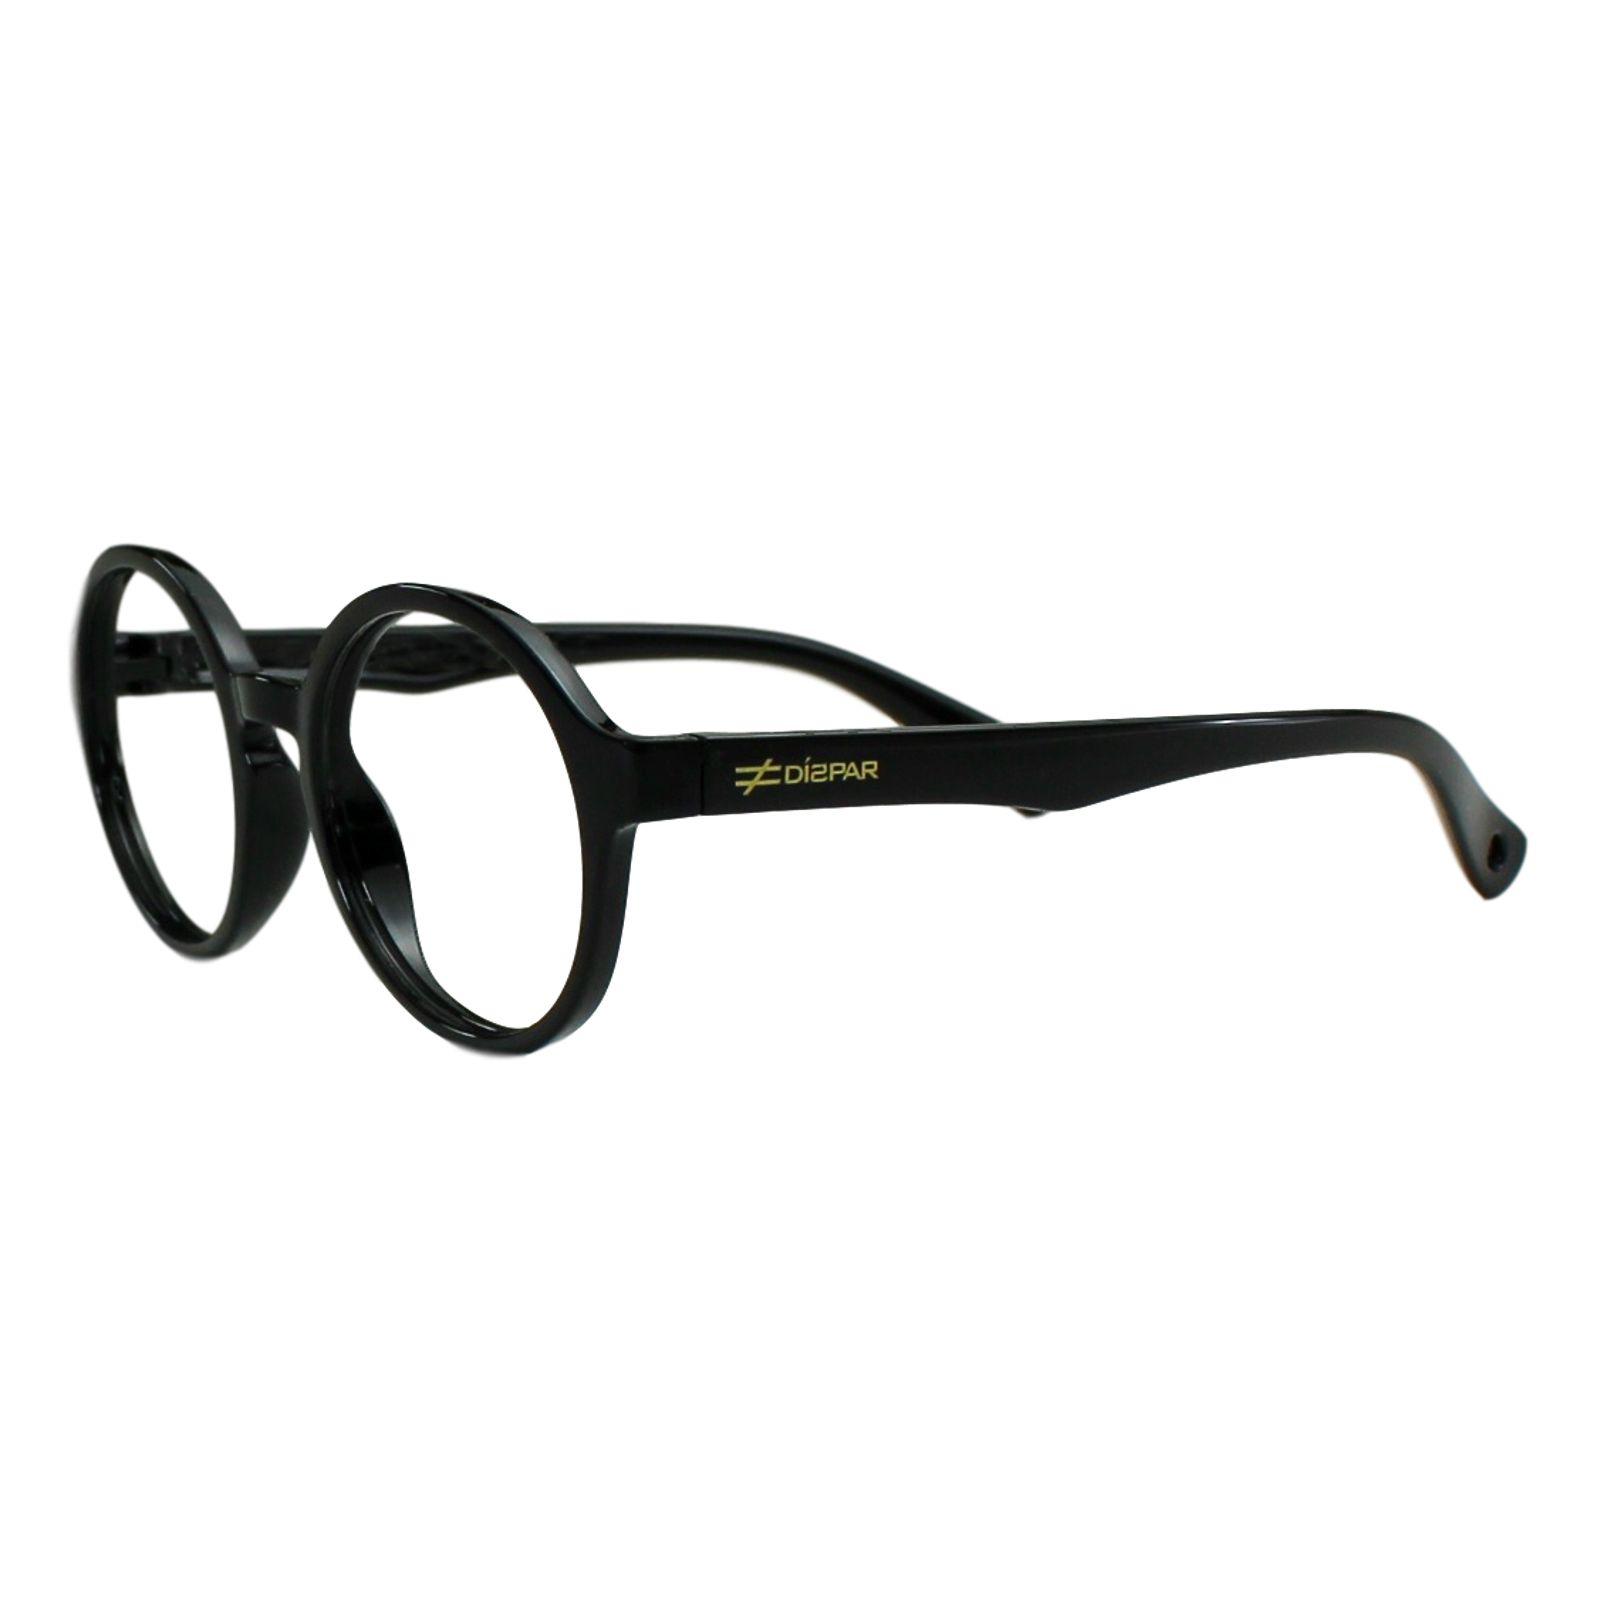 Armação para Óculos Díspar ID1959 infantil Flexível Idade 6 a 9 anos -  Preto - Díspar ... f8605f1947